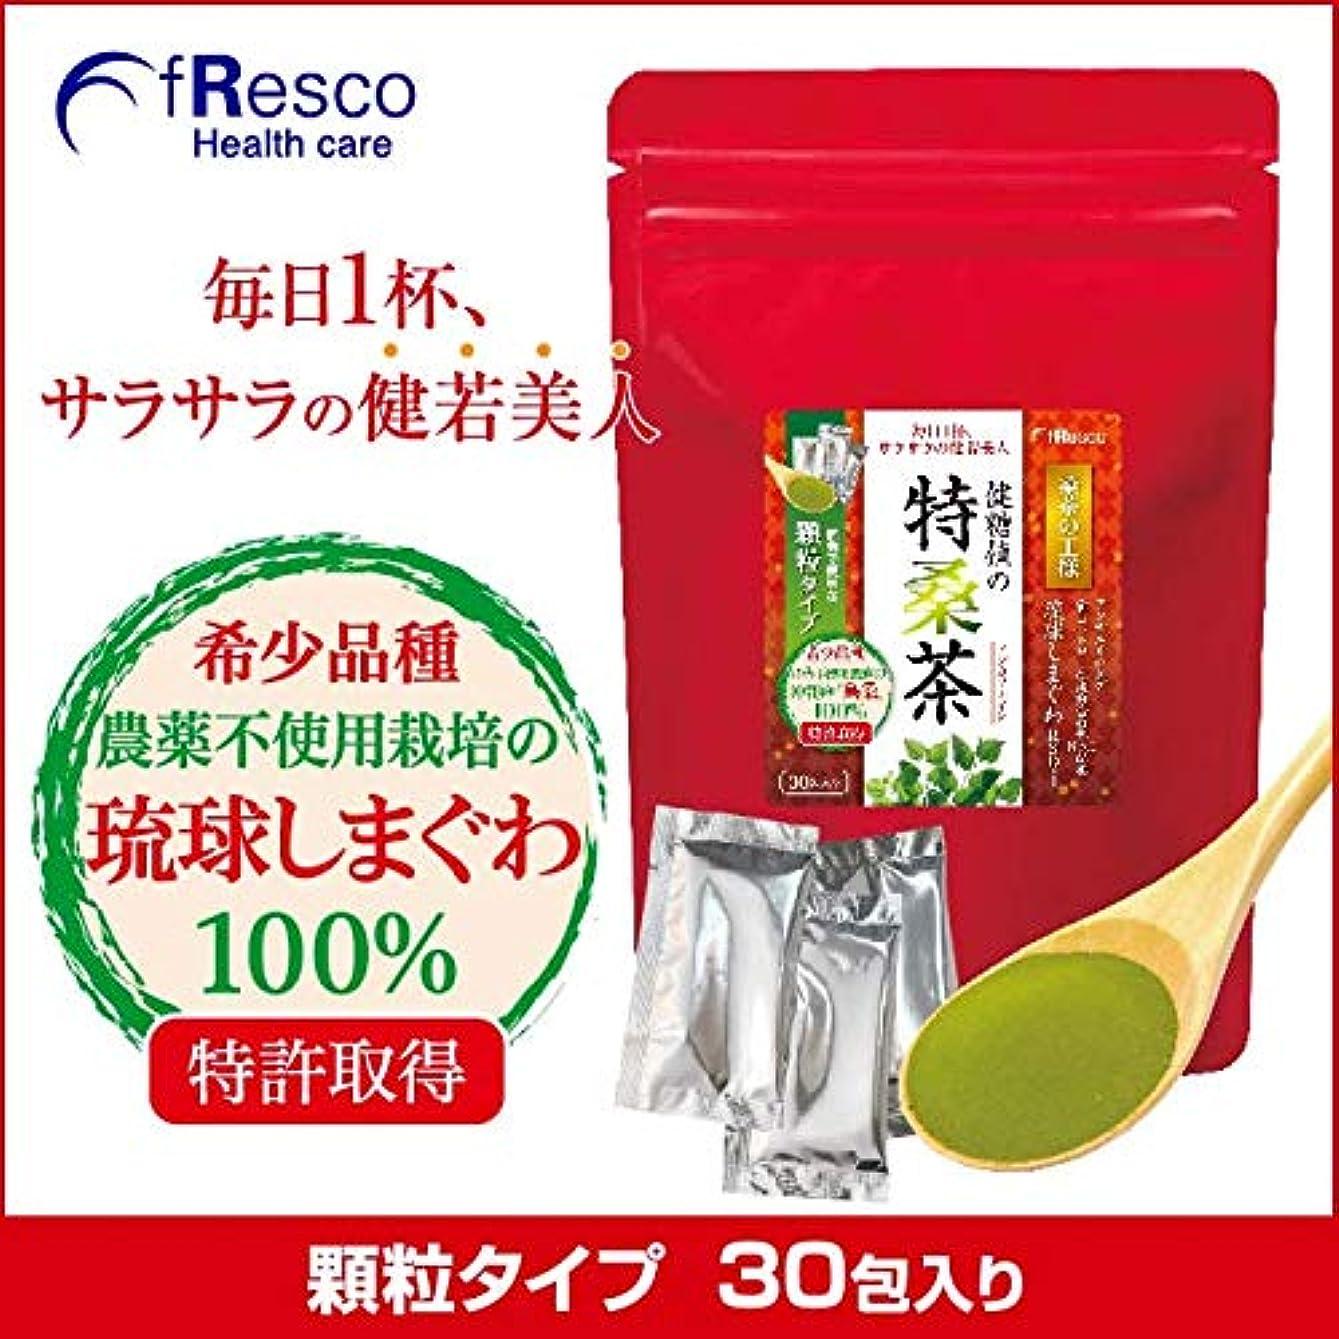 バージンオーナー弱める桑茶の王様 琉球しまぐわ 健糖値の特桑茶 顆粒タイプ 30包